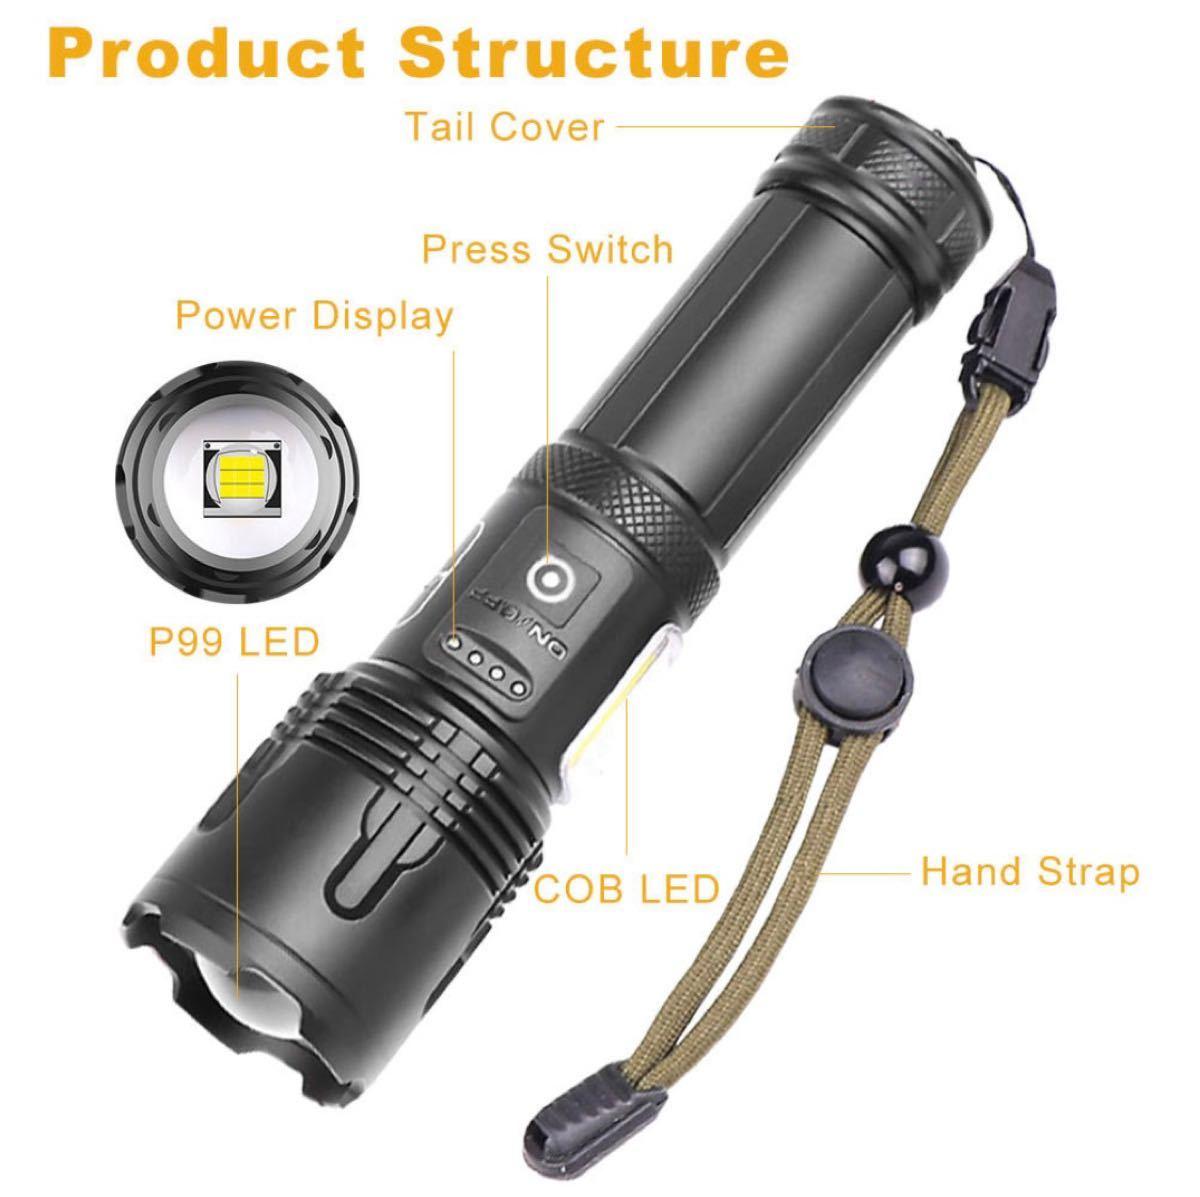 最新LED XHP99+COB 超強力・高輝度タクティカルハンディライト・ランタン 懐中電灯2 18650バッテリー付!充電式